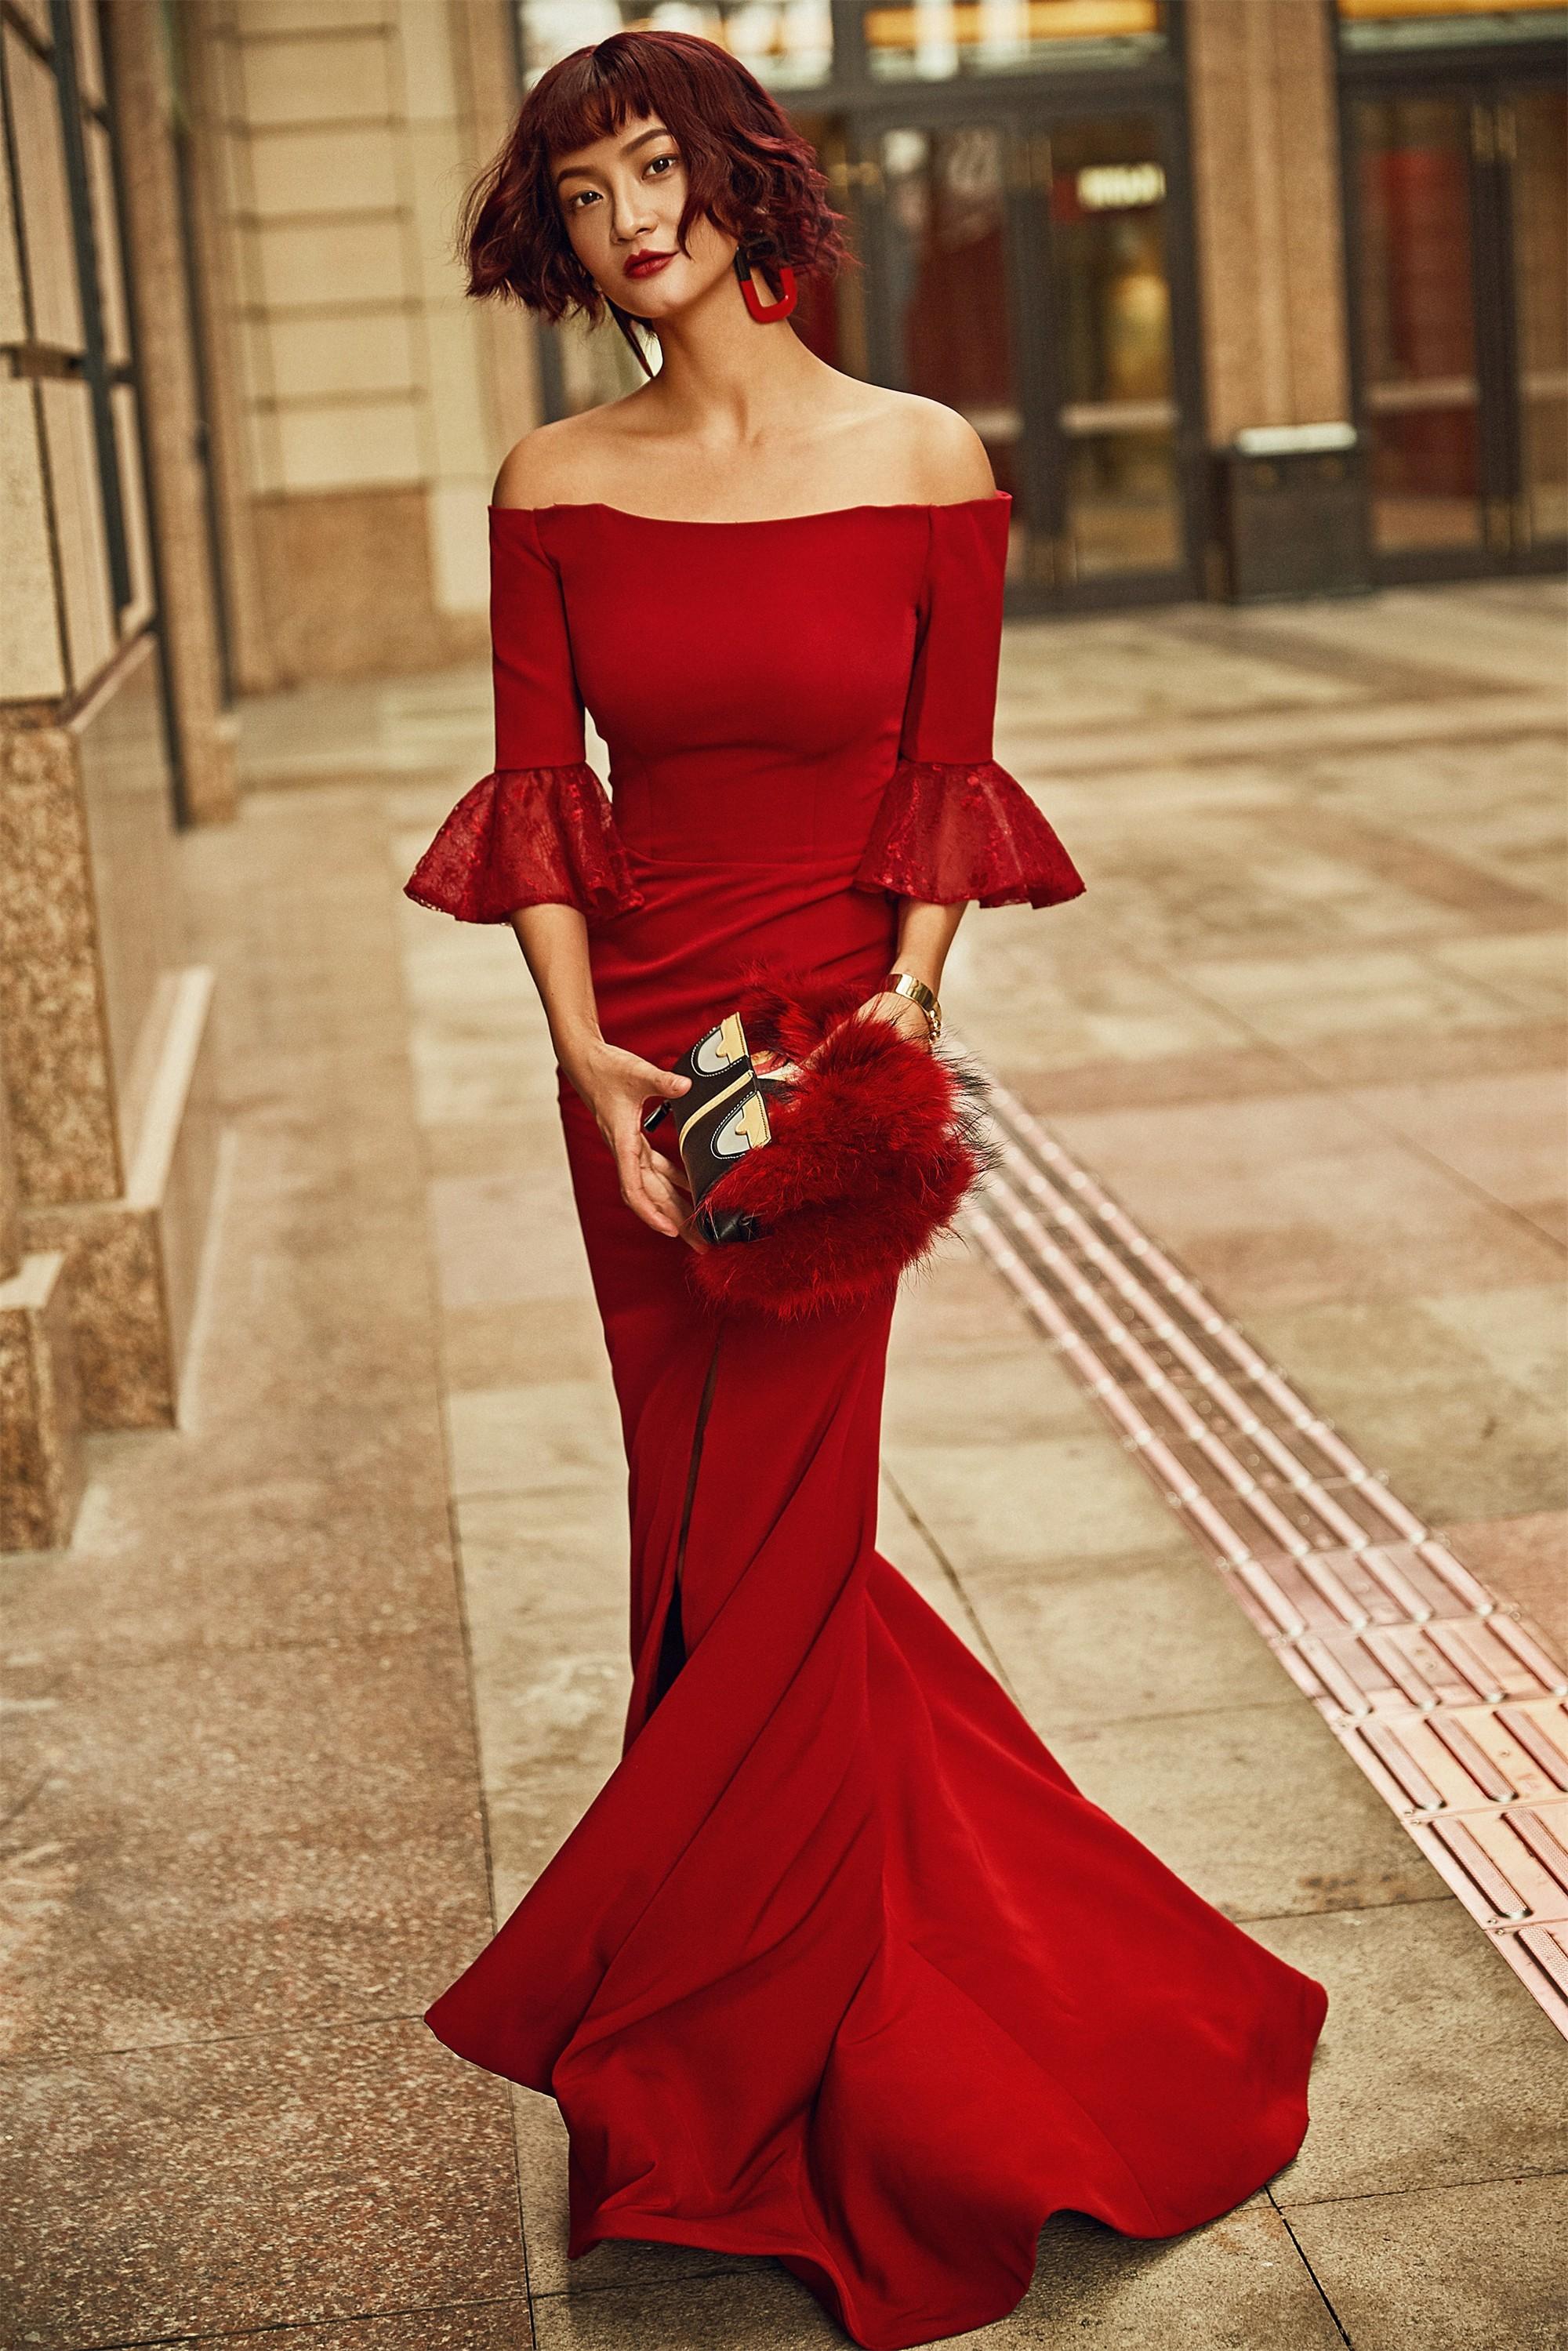 輕婚紗洋裝,輕婚紗推薦,輕婚紗租借,輕婚紗品牌,韓式輕婚紗,輕婚紗,美式婚紗,手工輕婚紗,美式婚紗包套,時裝婚紗,旅拍婚紗,孕媽咪禮服,孕婦裝